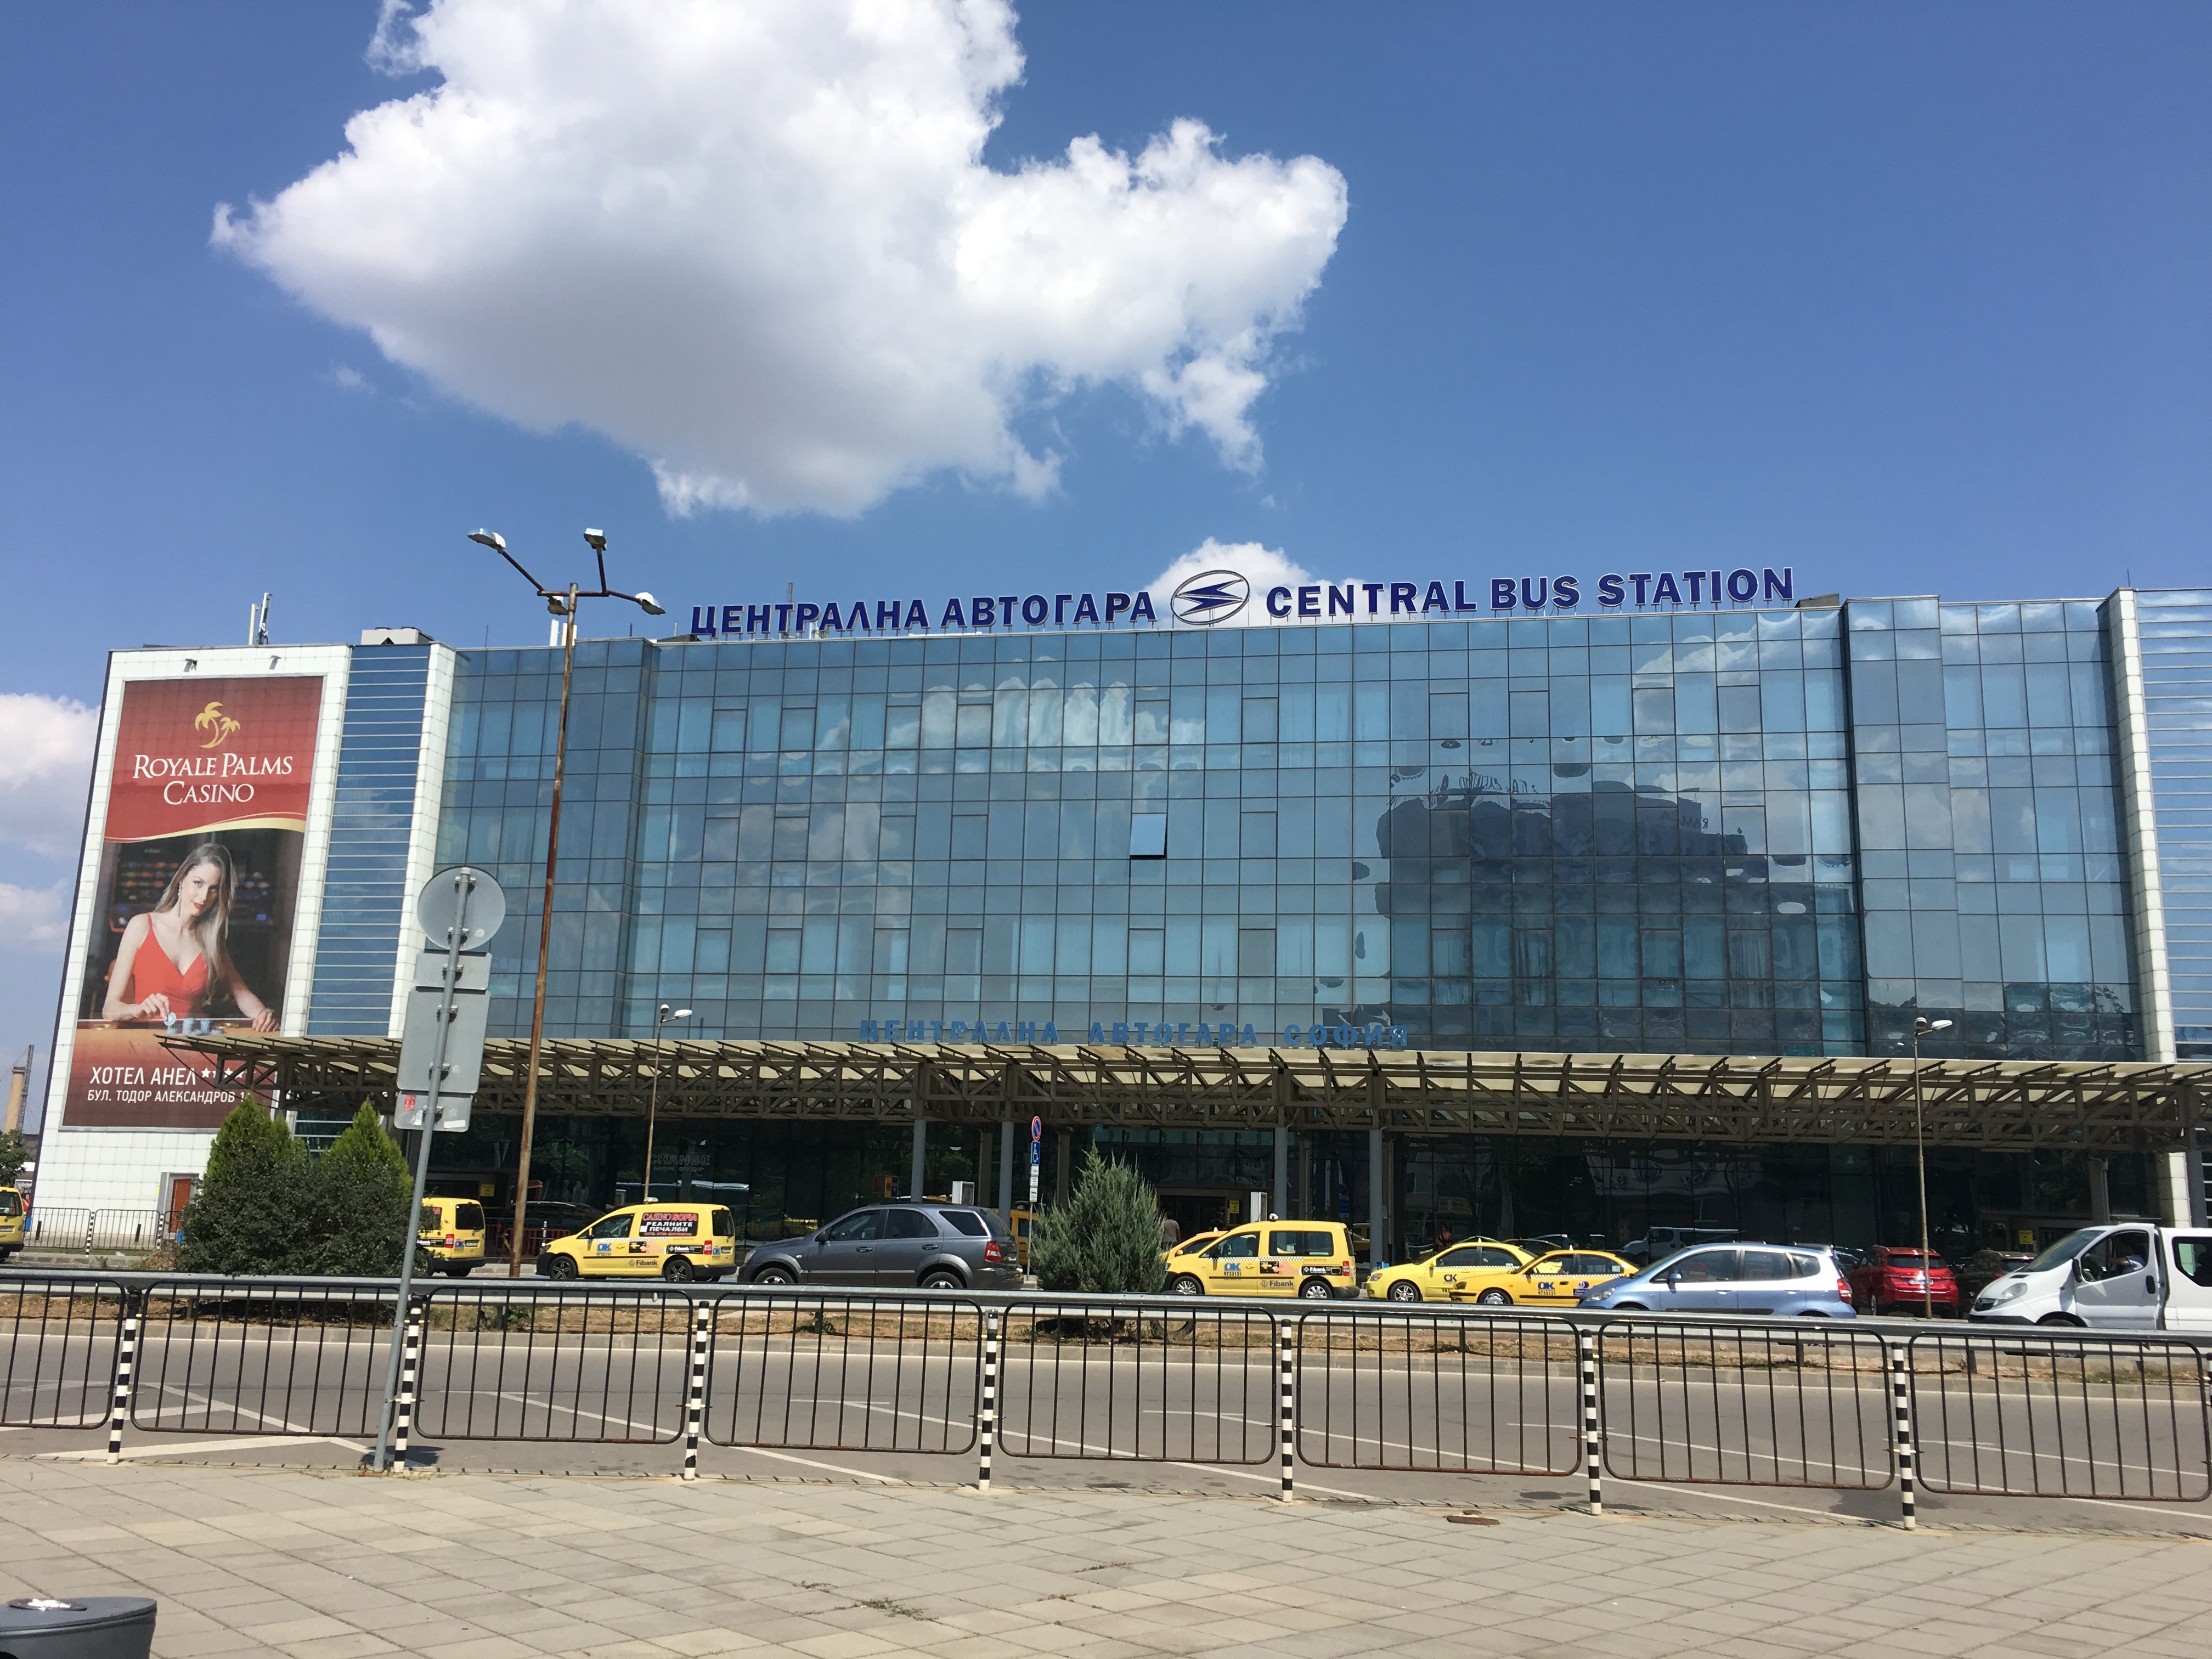 ソフィア中央バスターミナル